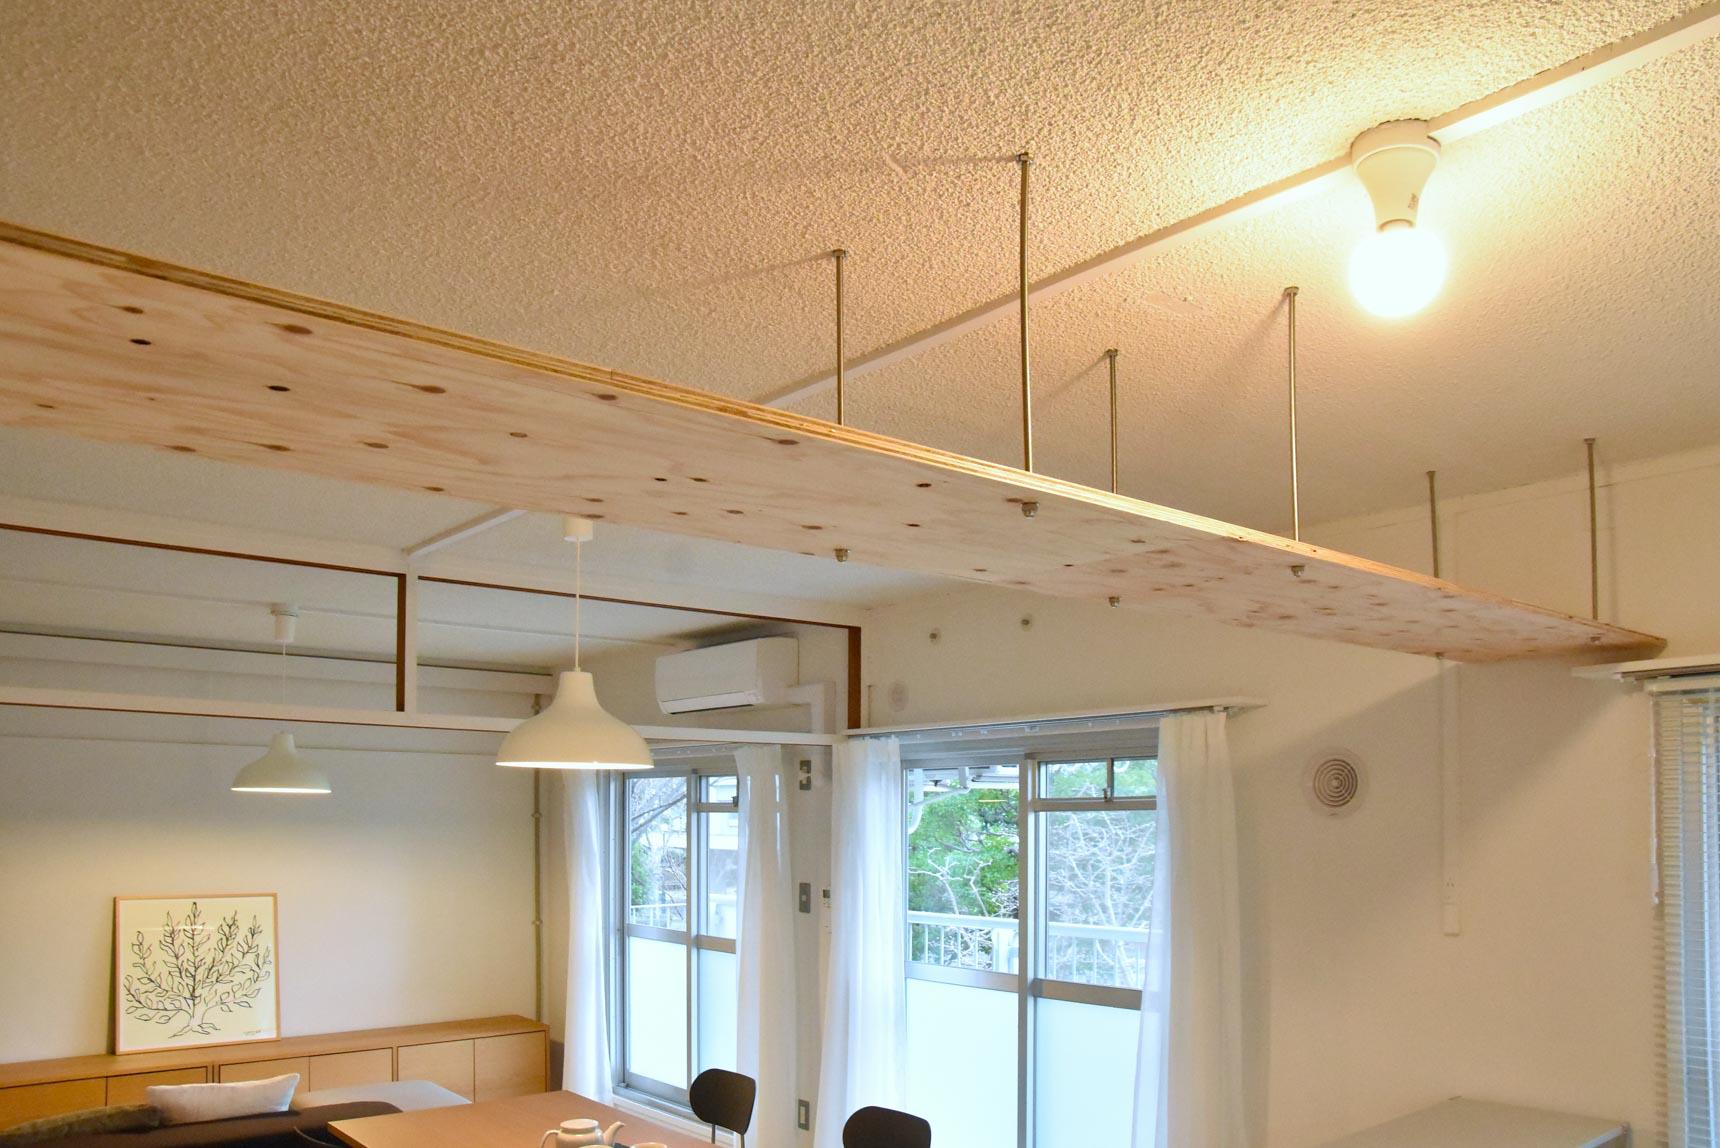 ダイニングとキッチンの間には「小天井」を設置。